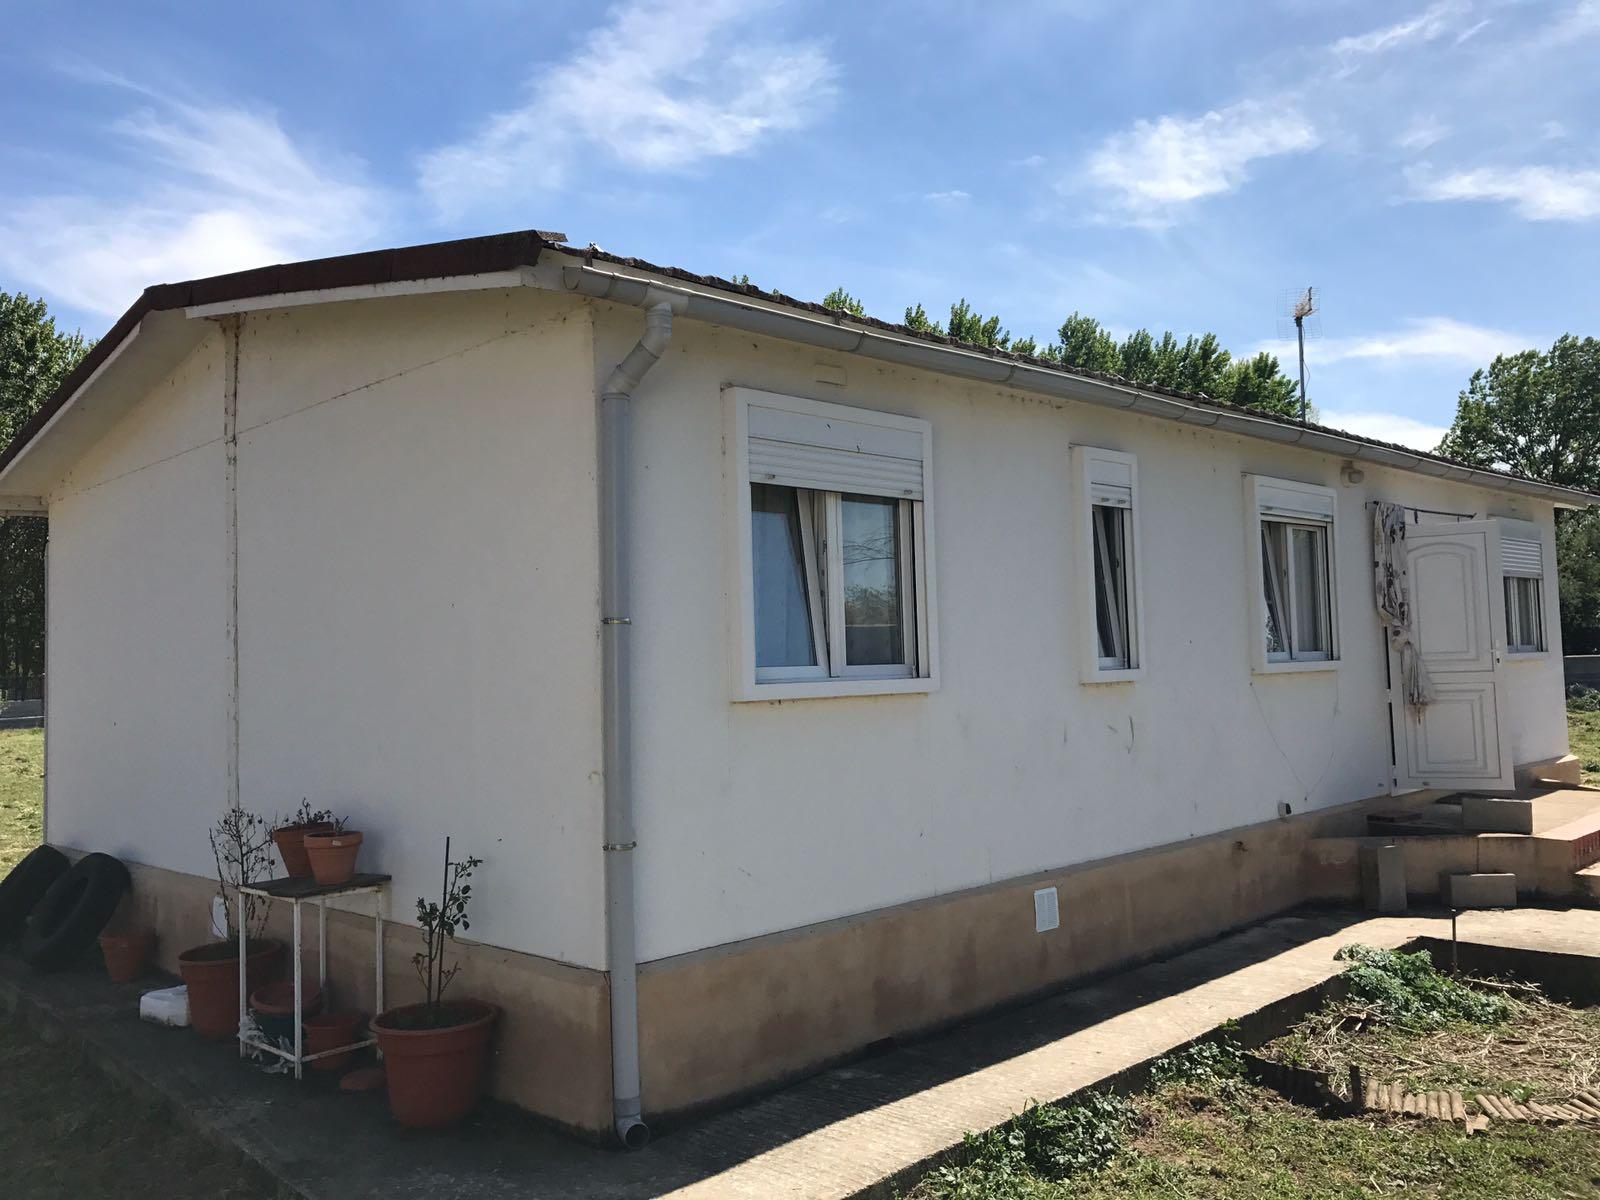 Img 20170421 wa0001 europa mobil home for Casas prefabricadas ocasion